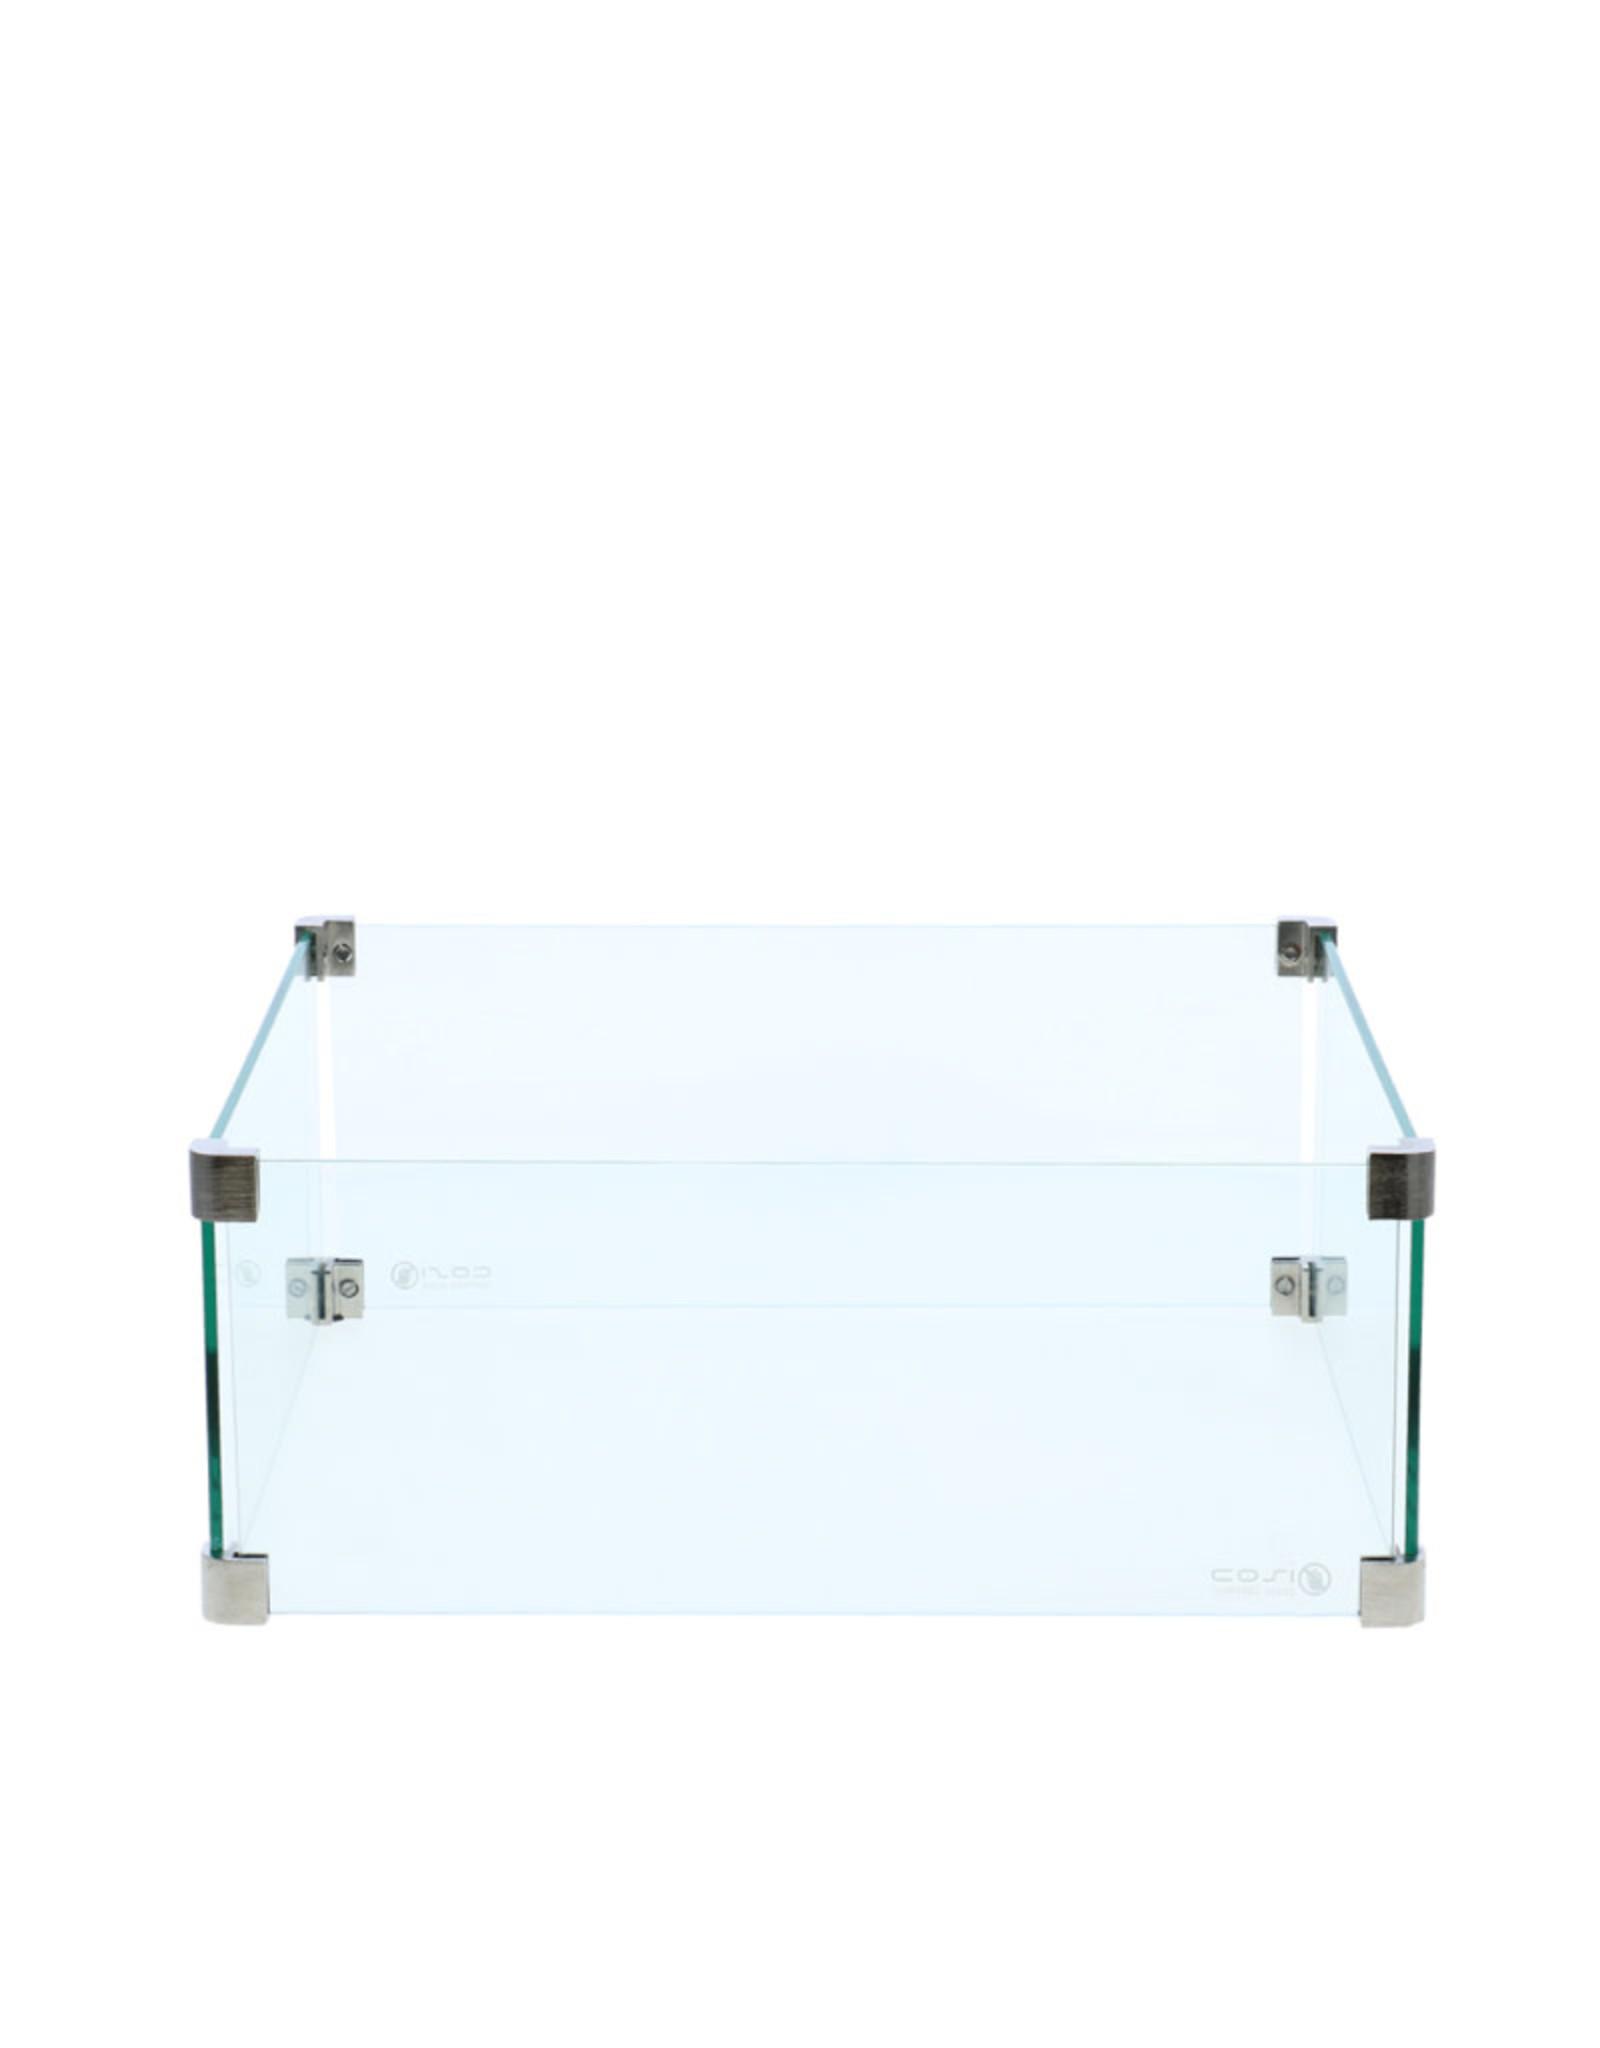 Cosi Cosi square L glass set